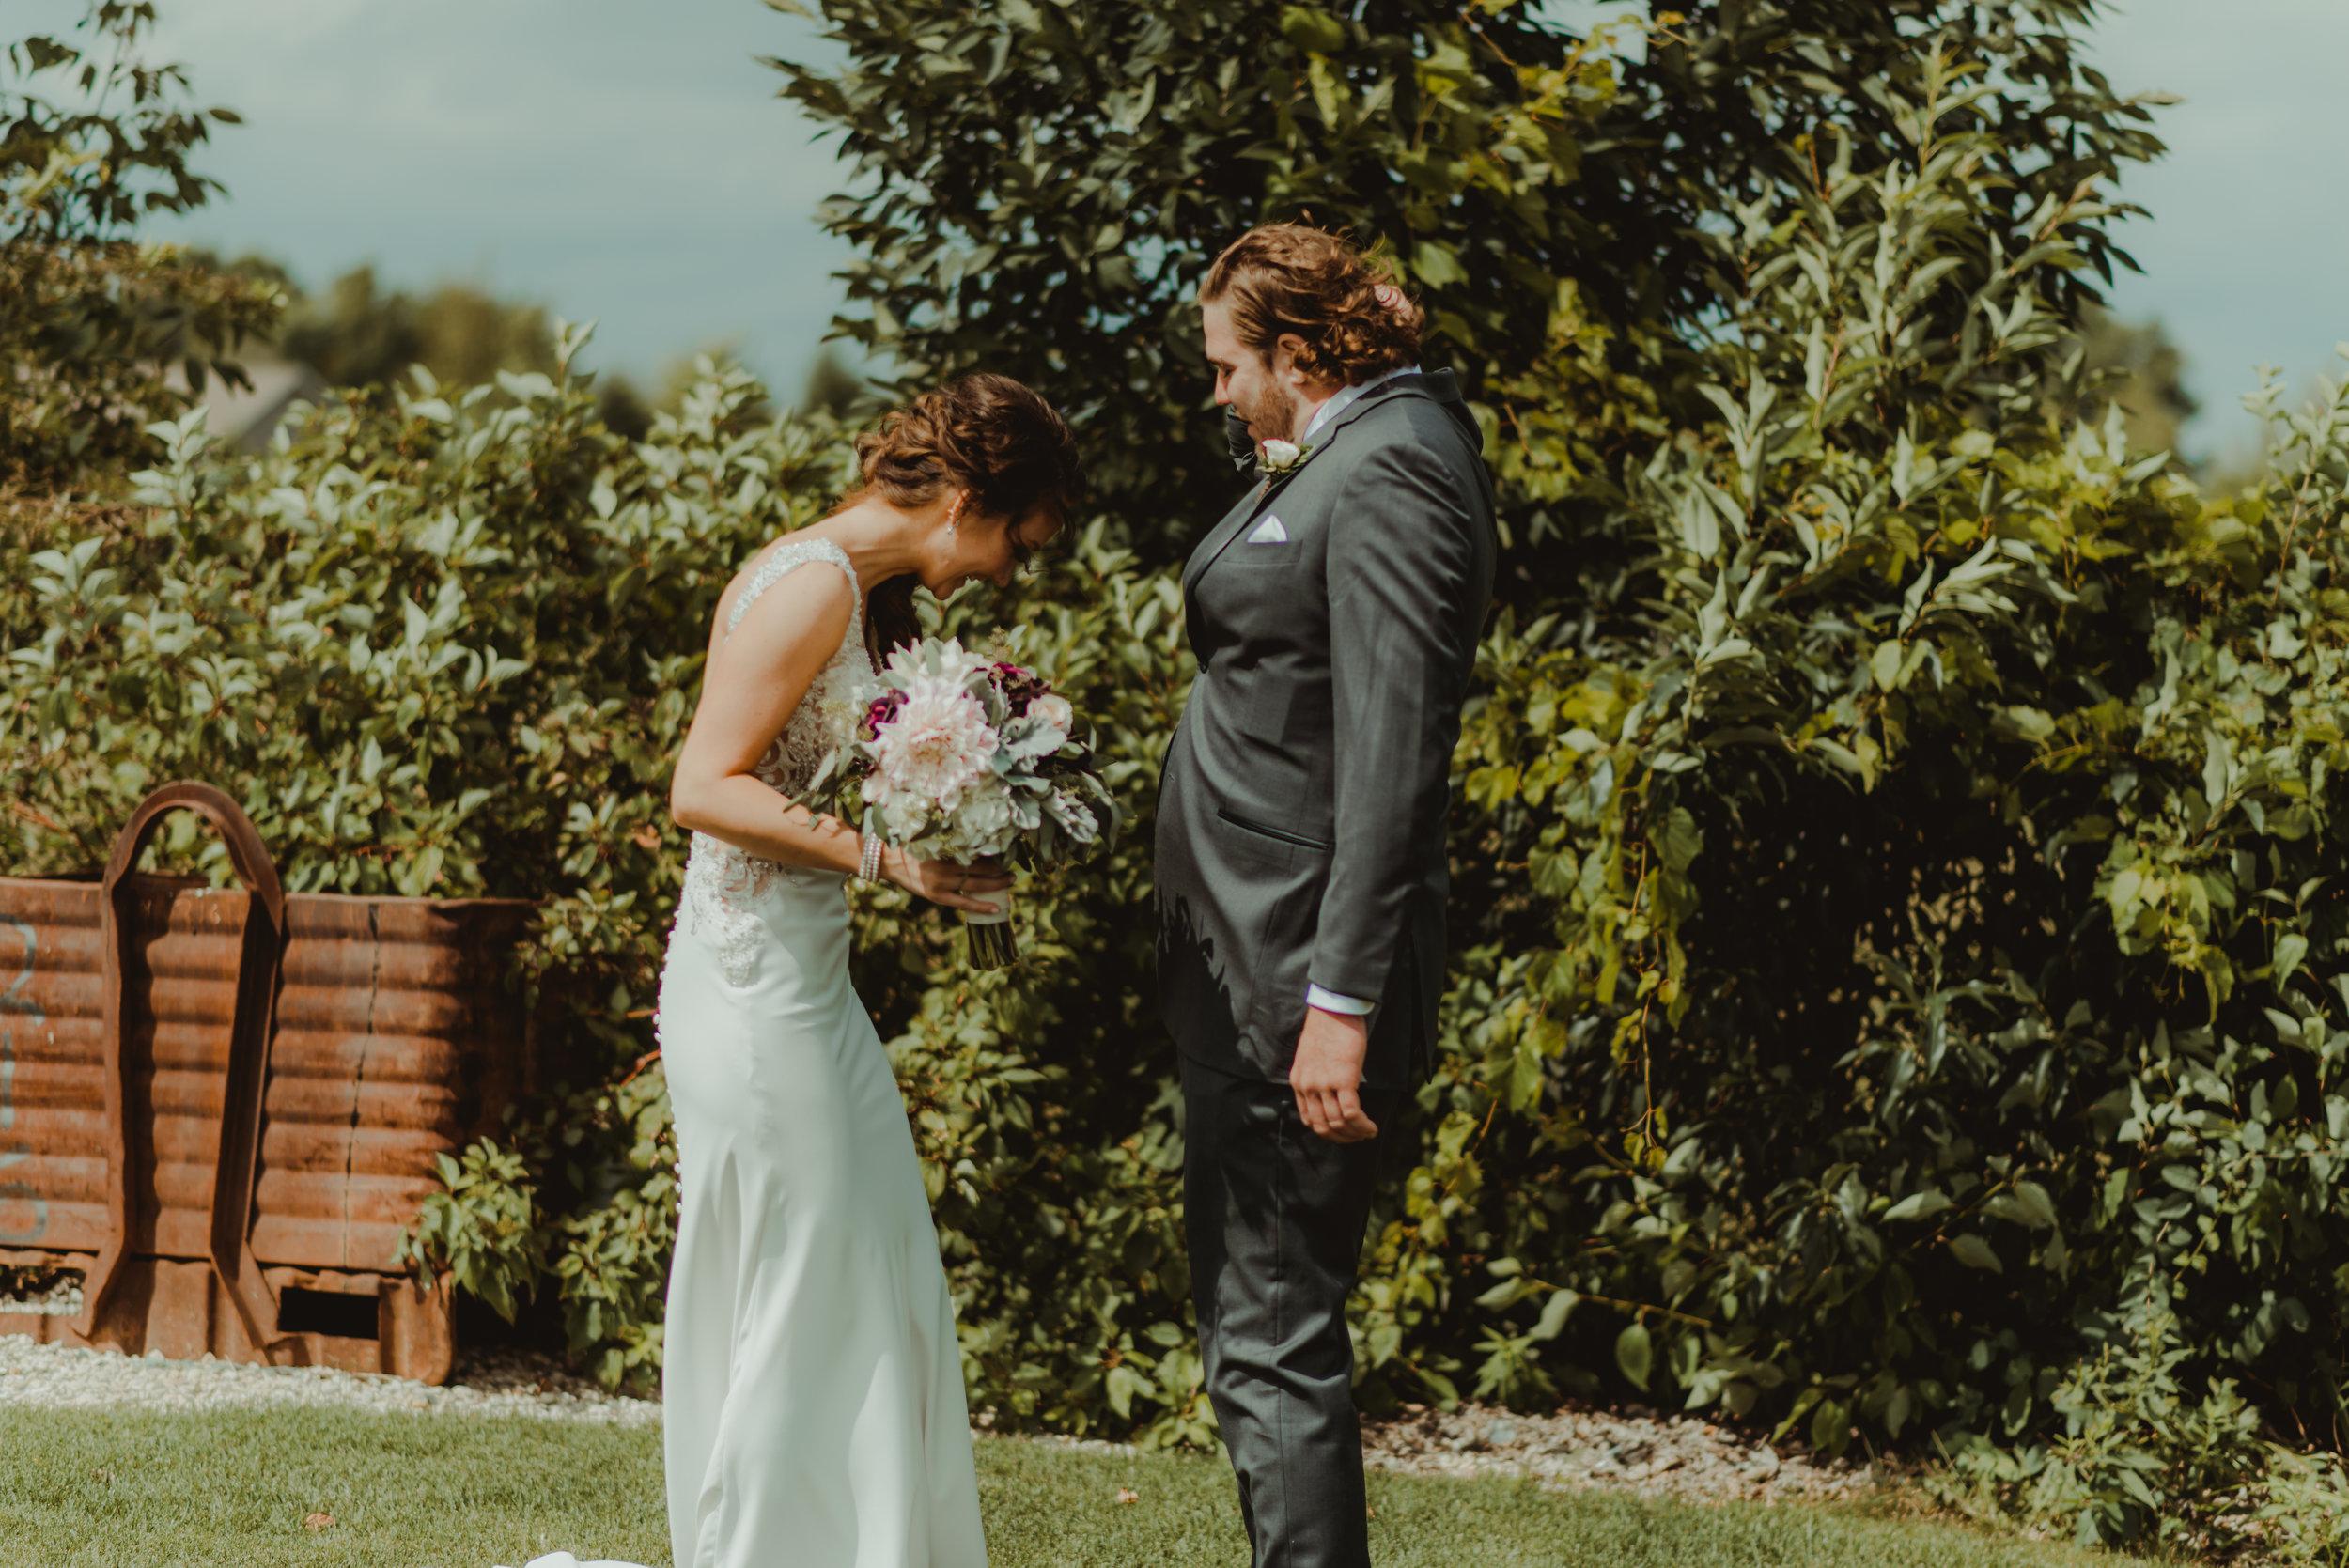 jp_wedding-65.jpg